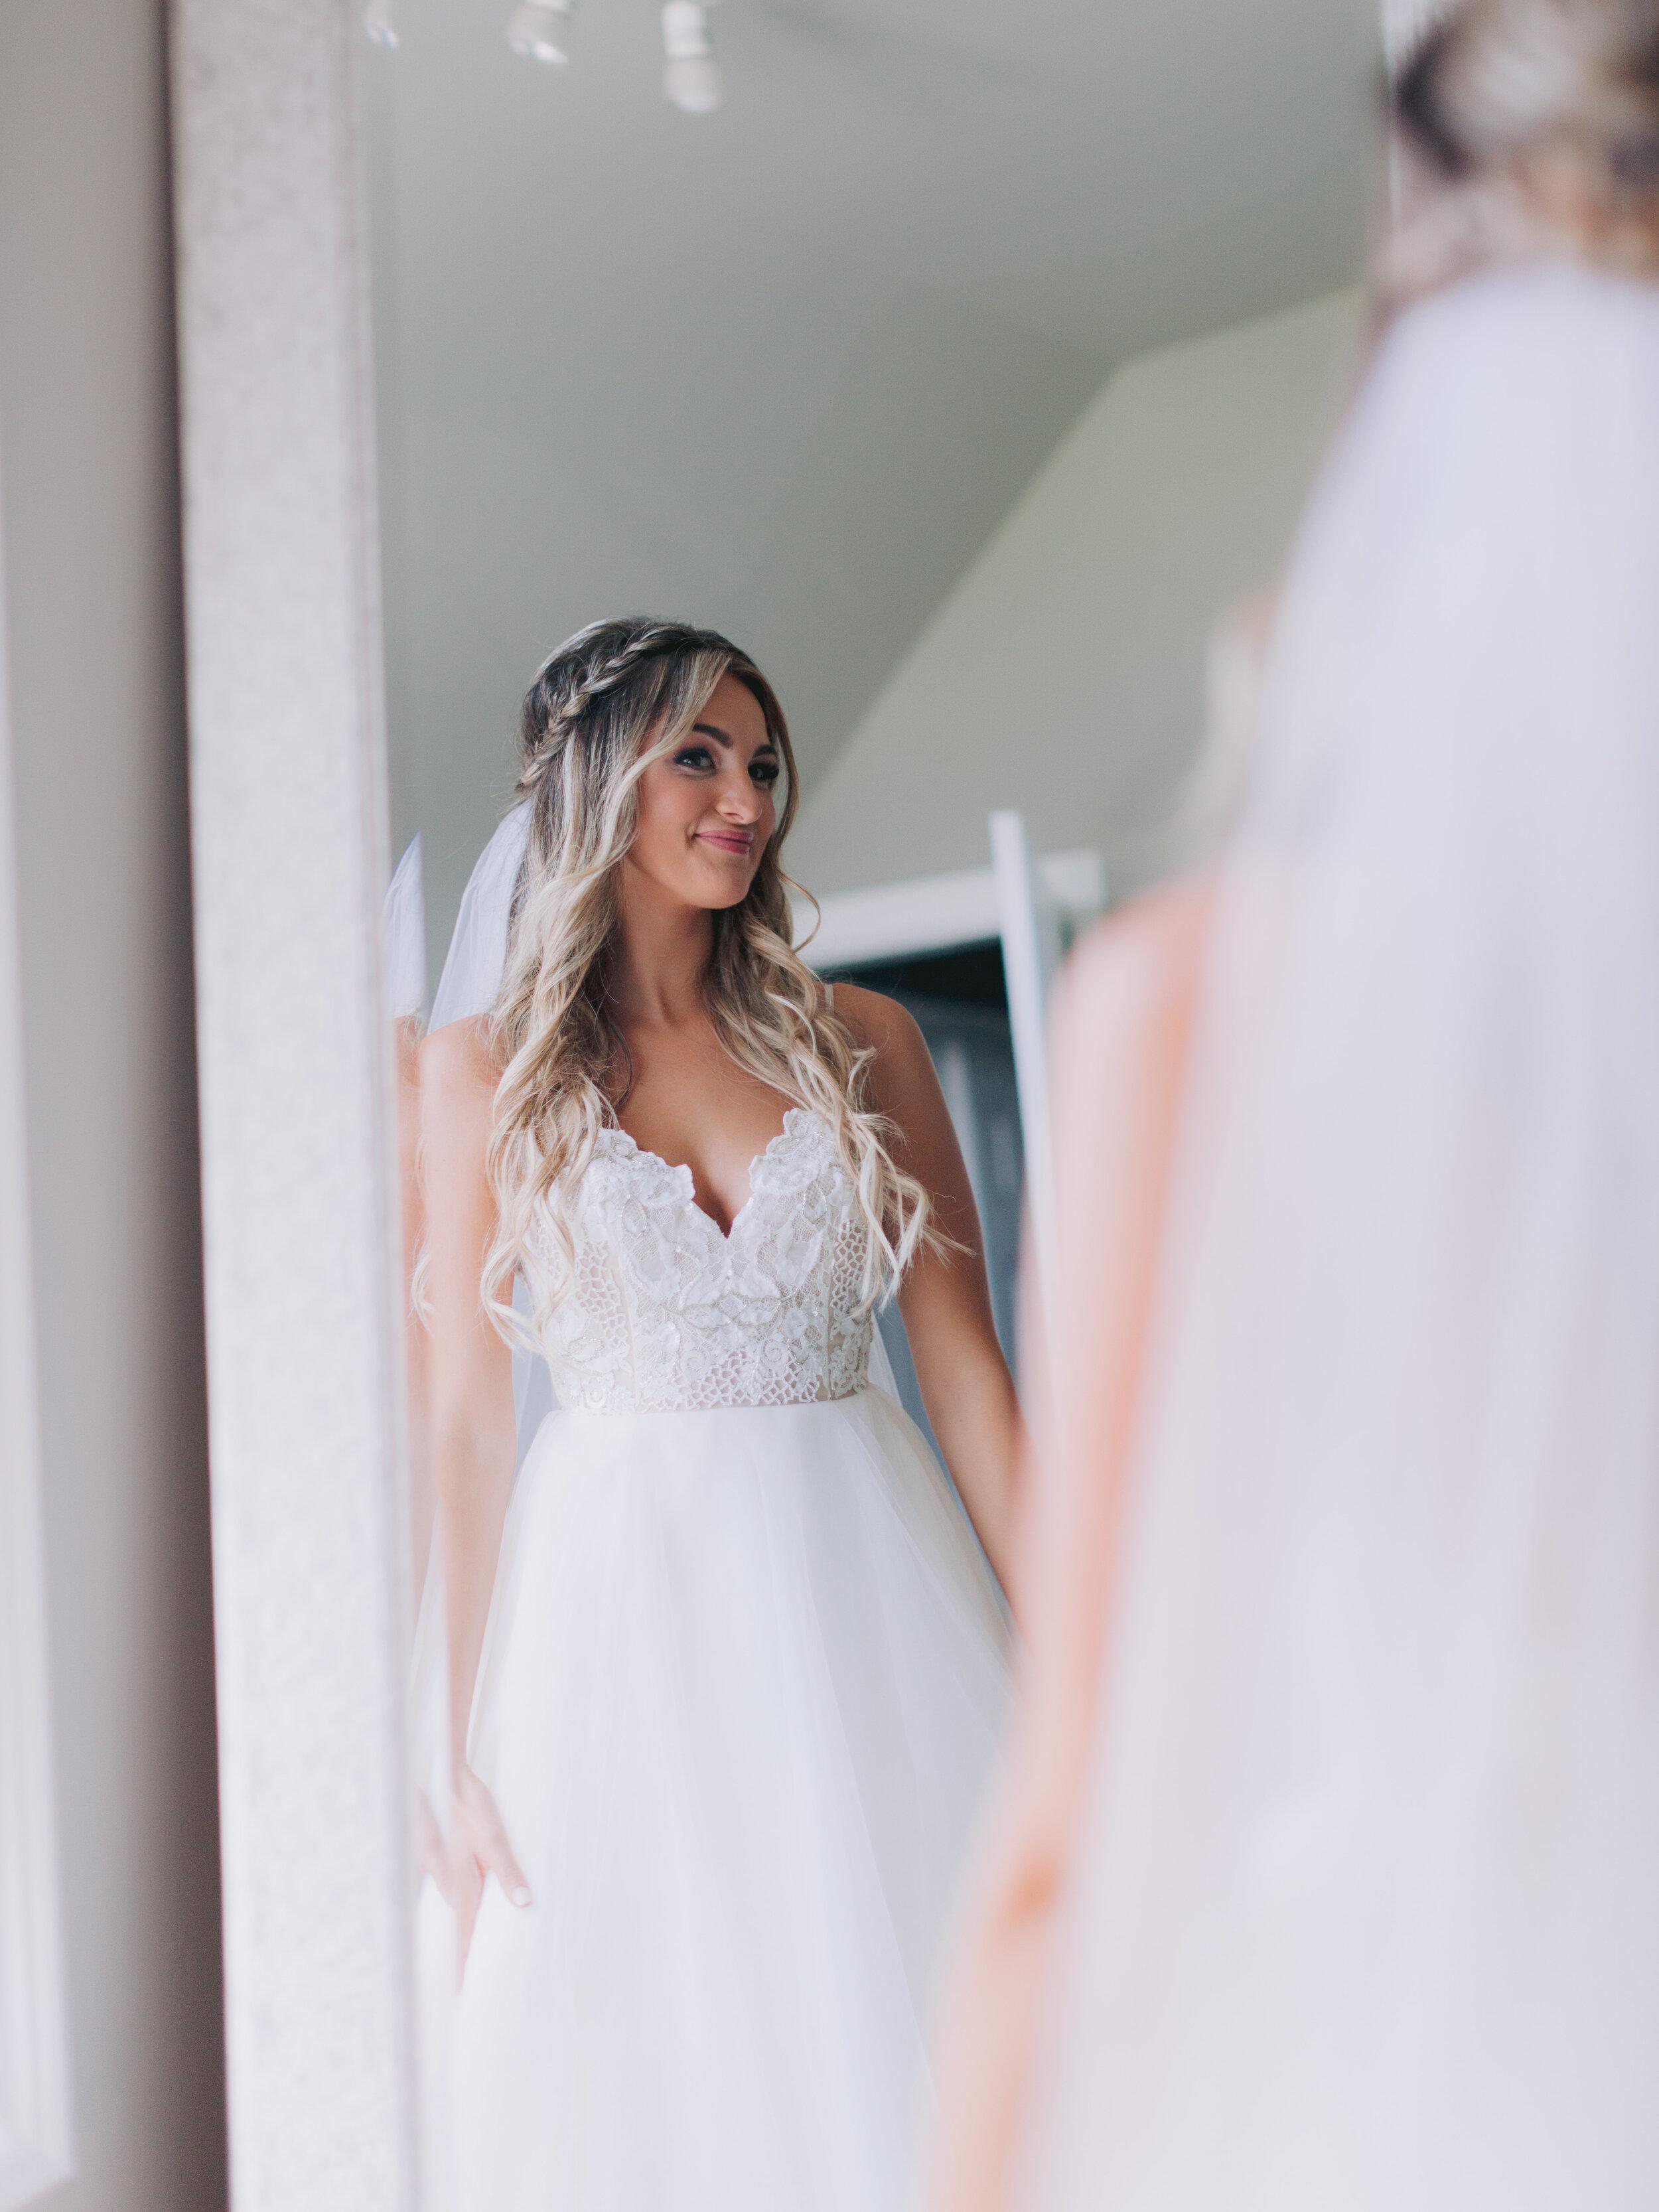 Bride Getting Ready (37 of 84).JPG